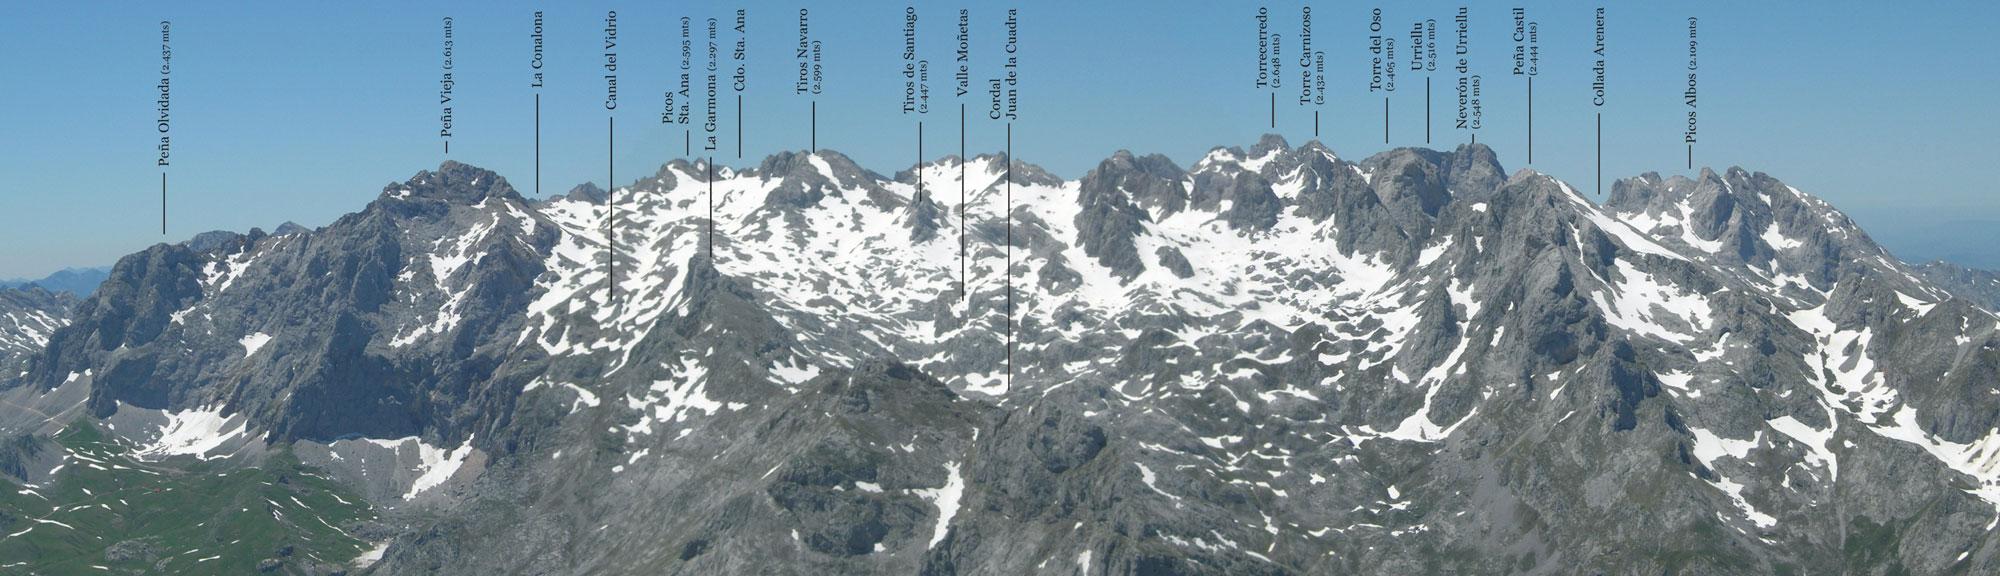 ... Central de Picos de Europa) desde el Pico Jierru en el Macizo Oriental